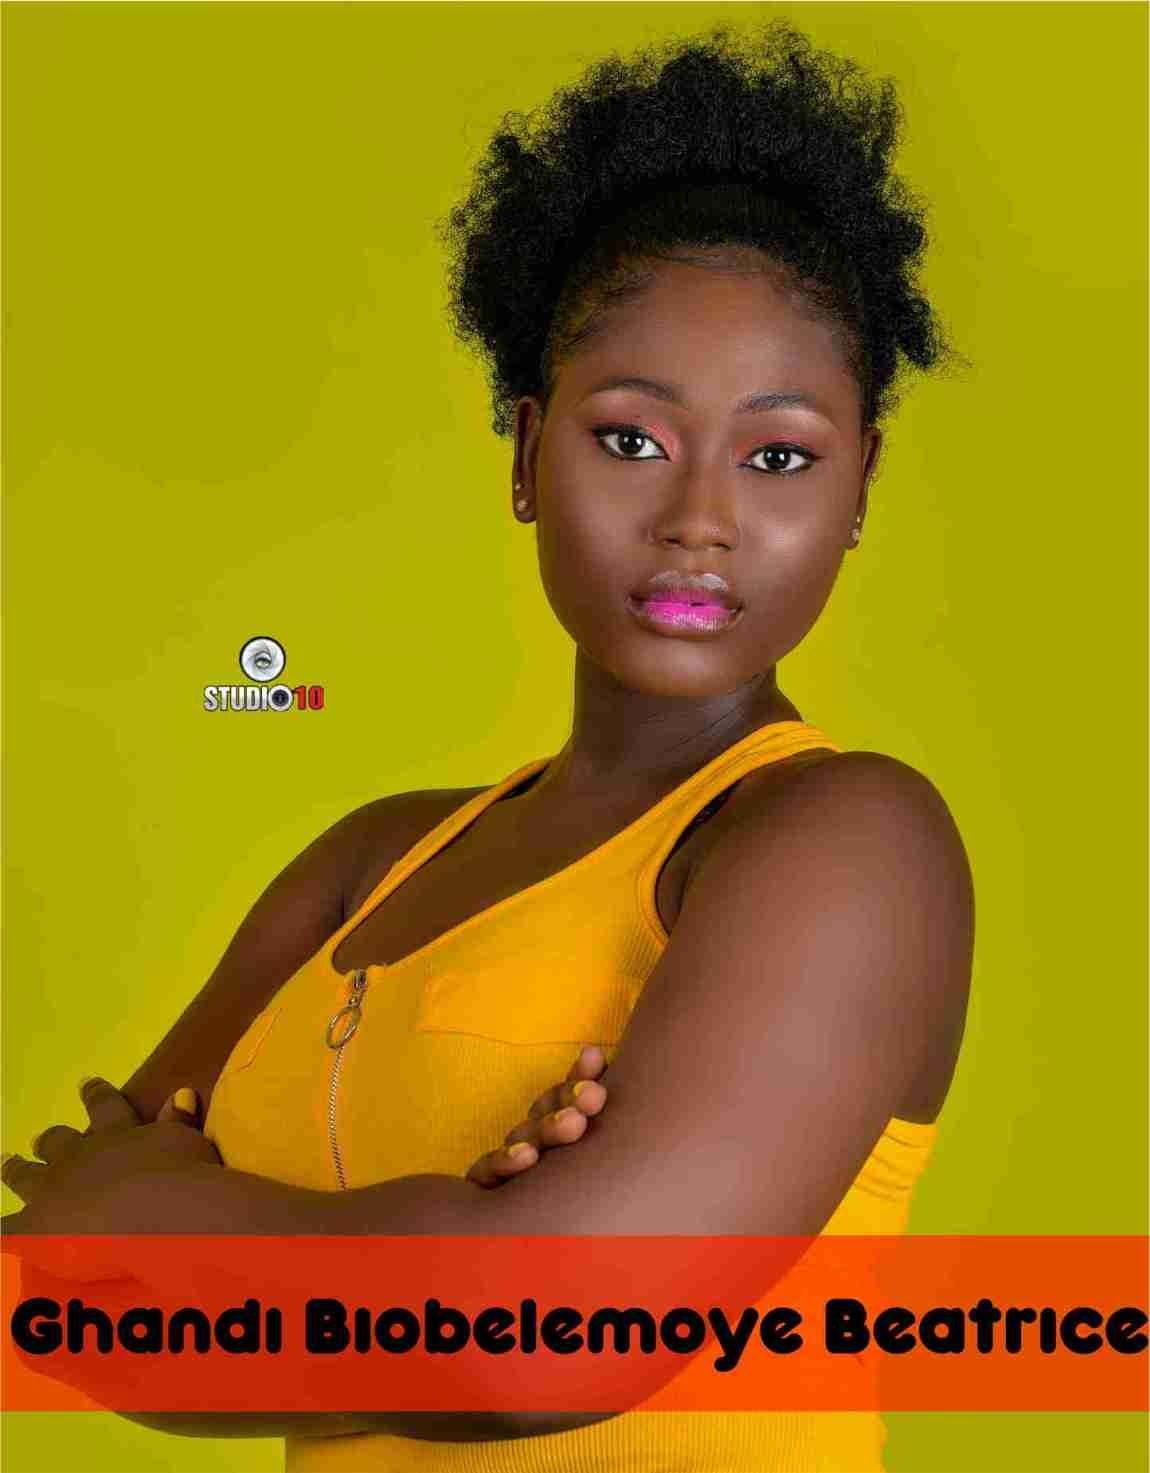 Vote Ghandi Biobelemoye Beatrice for the Miss Bayelsa 2020/21 Beauty Queen